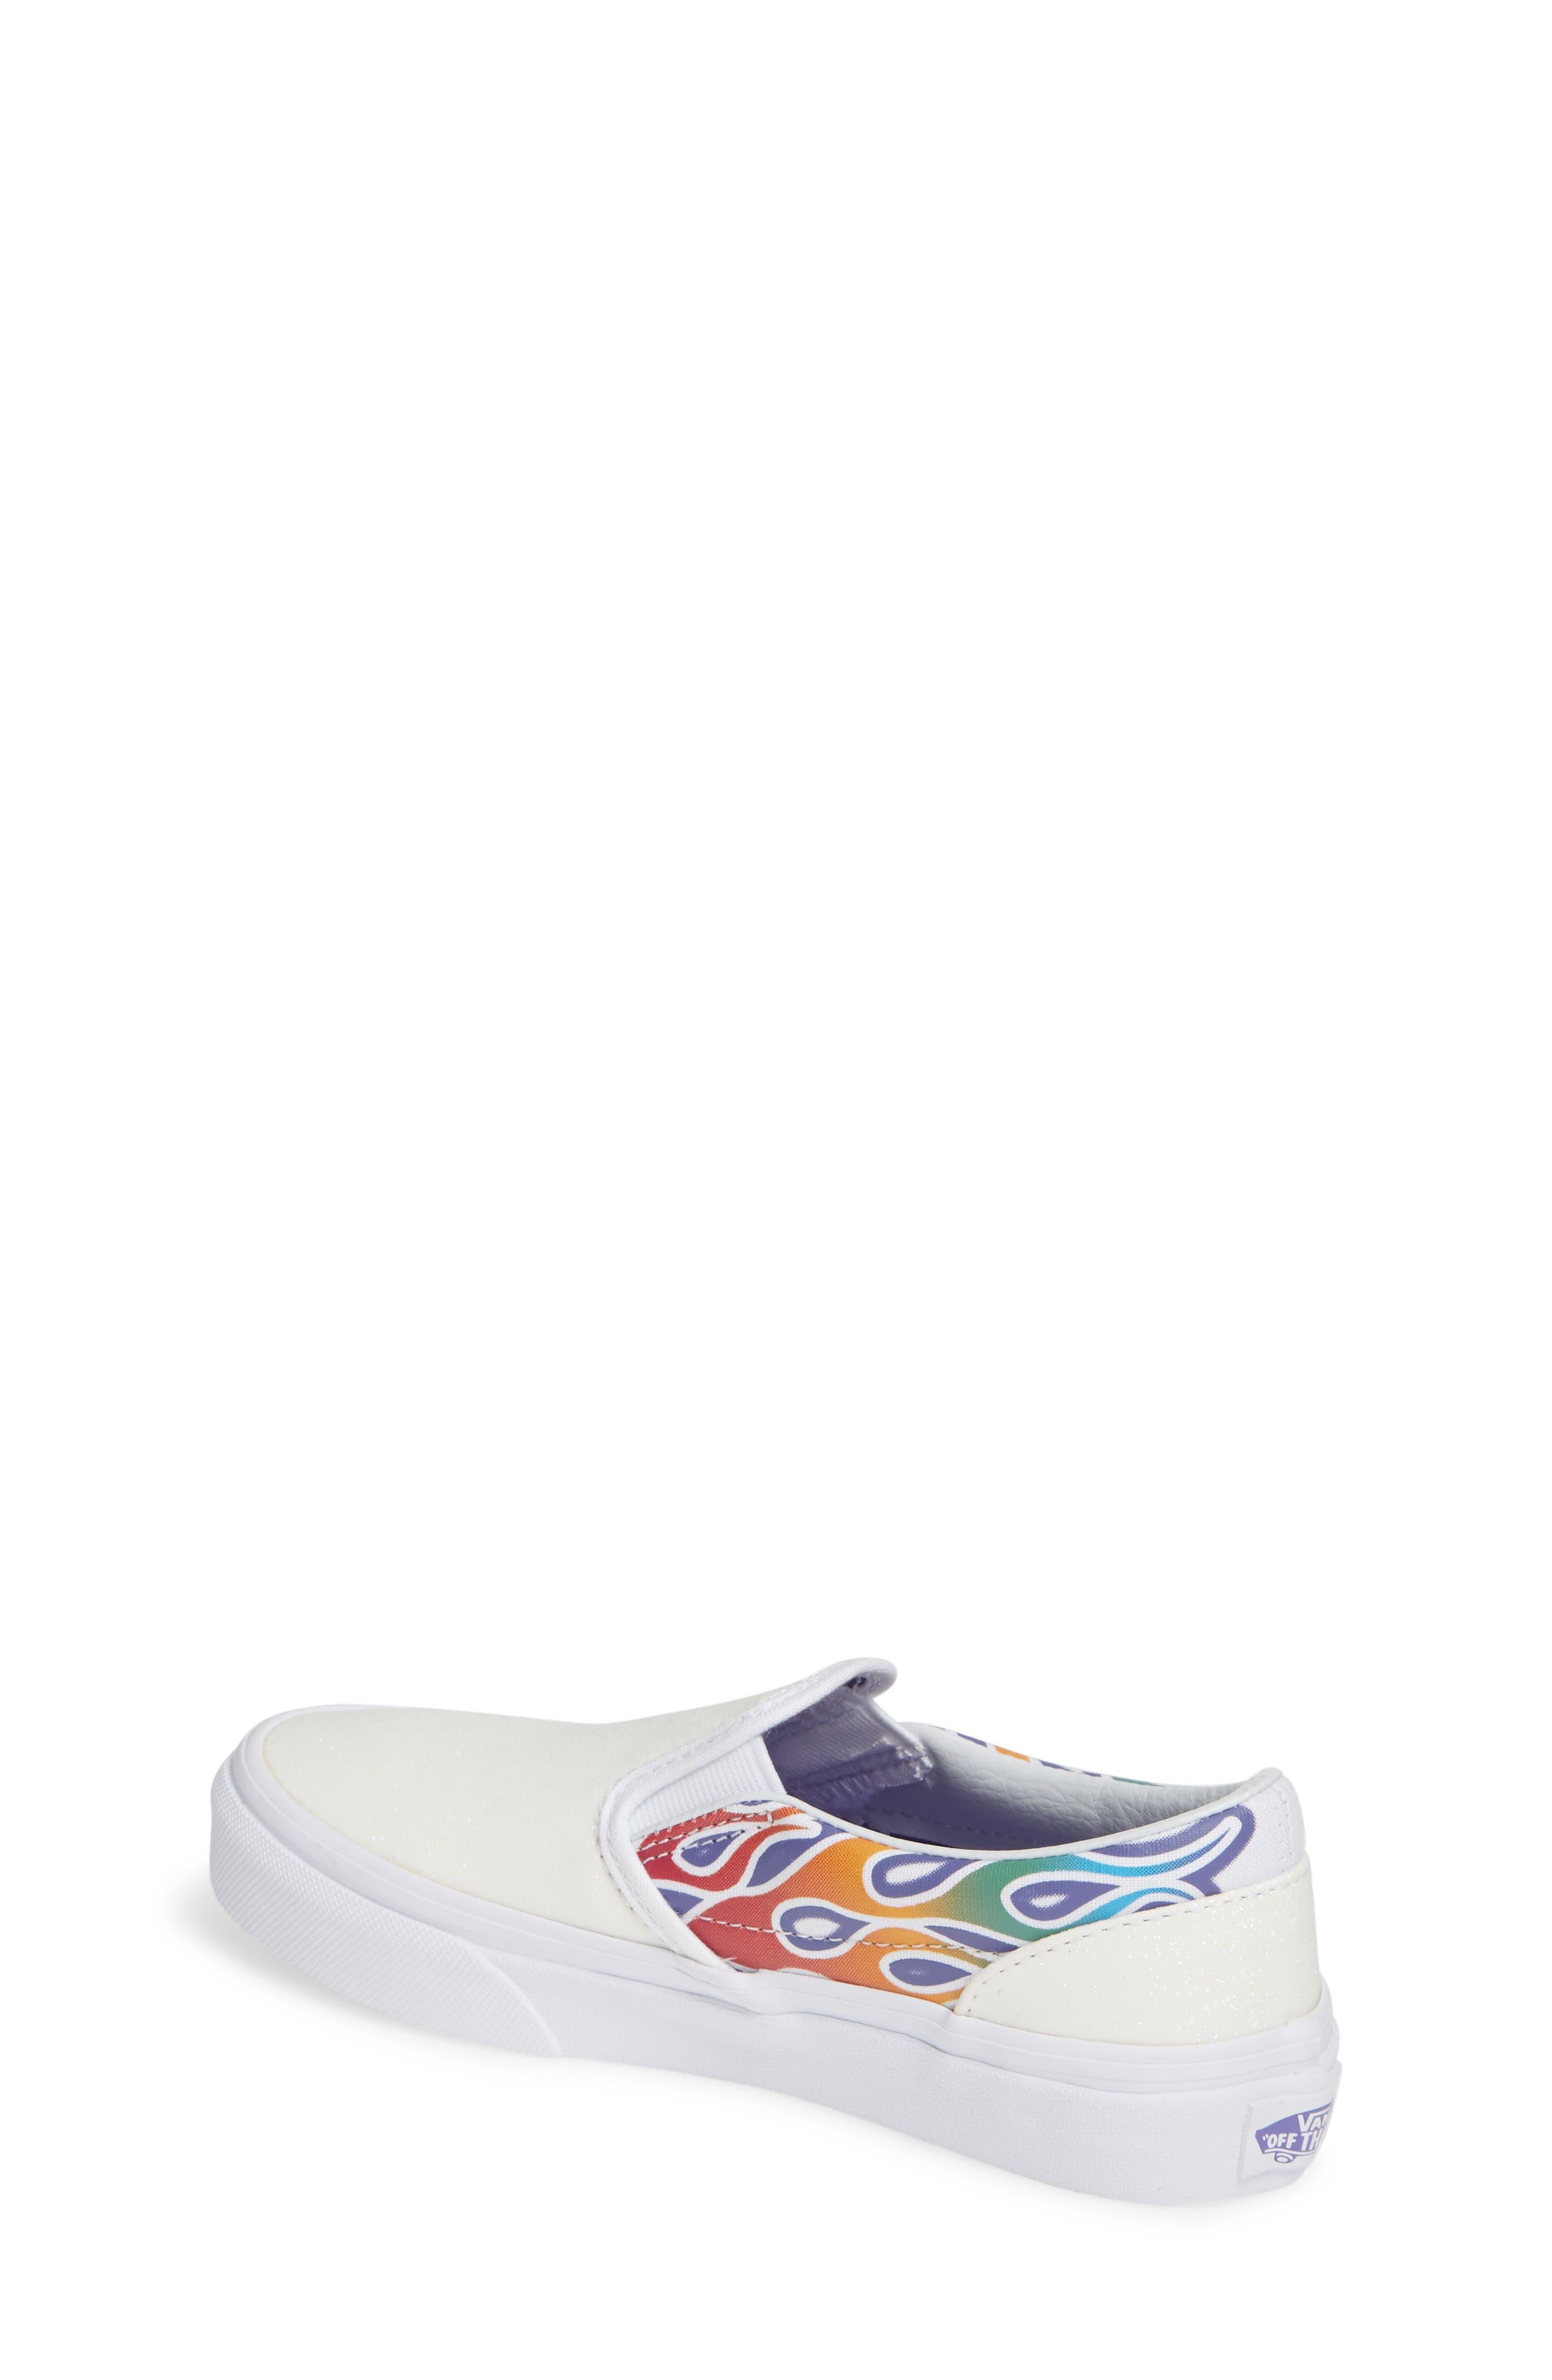 VANS,                             Classic Slip-On Glitter Sneaker,                             Alternate thumbnail 2, color,                             110